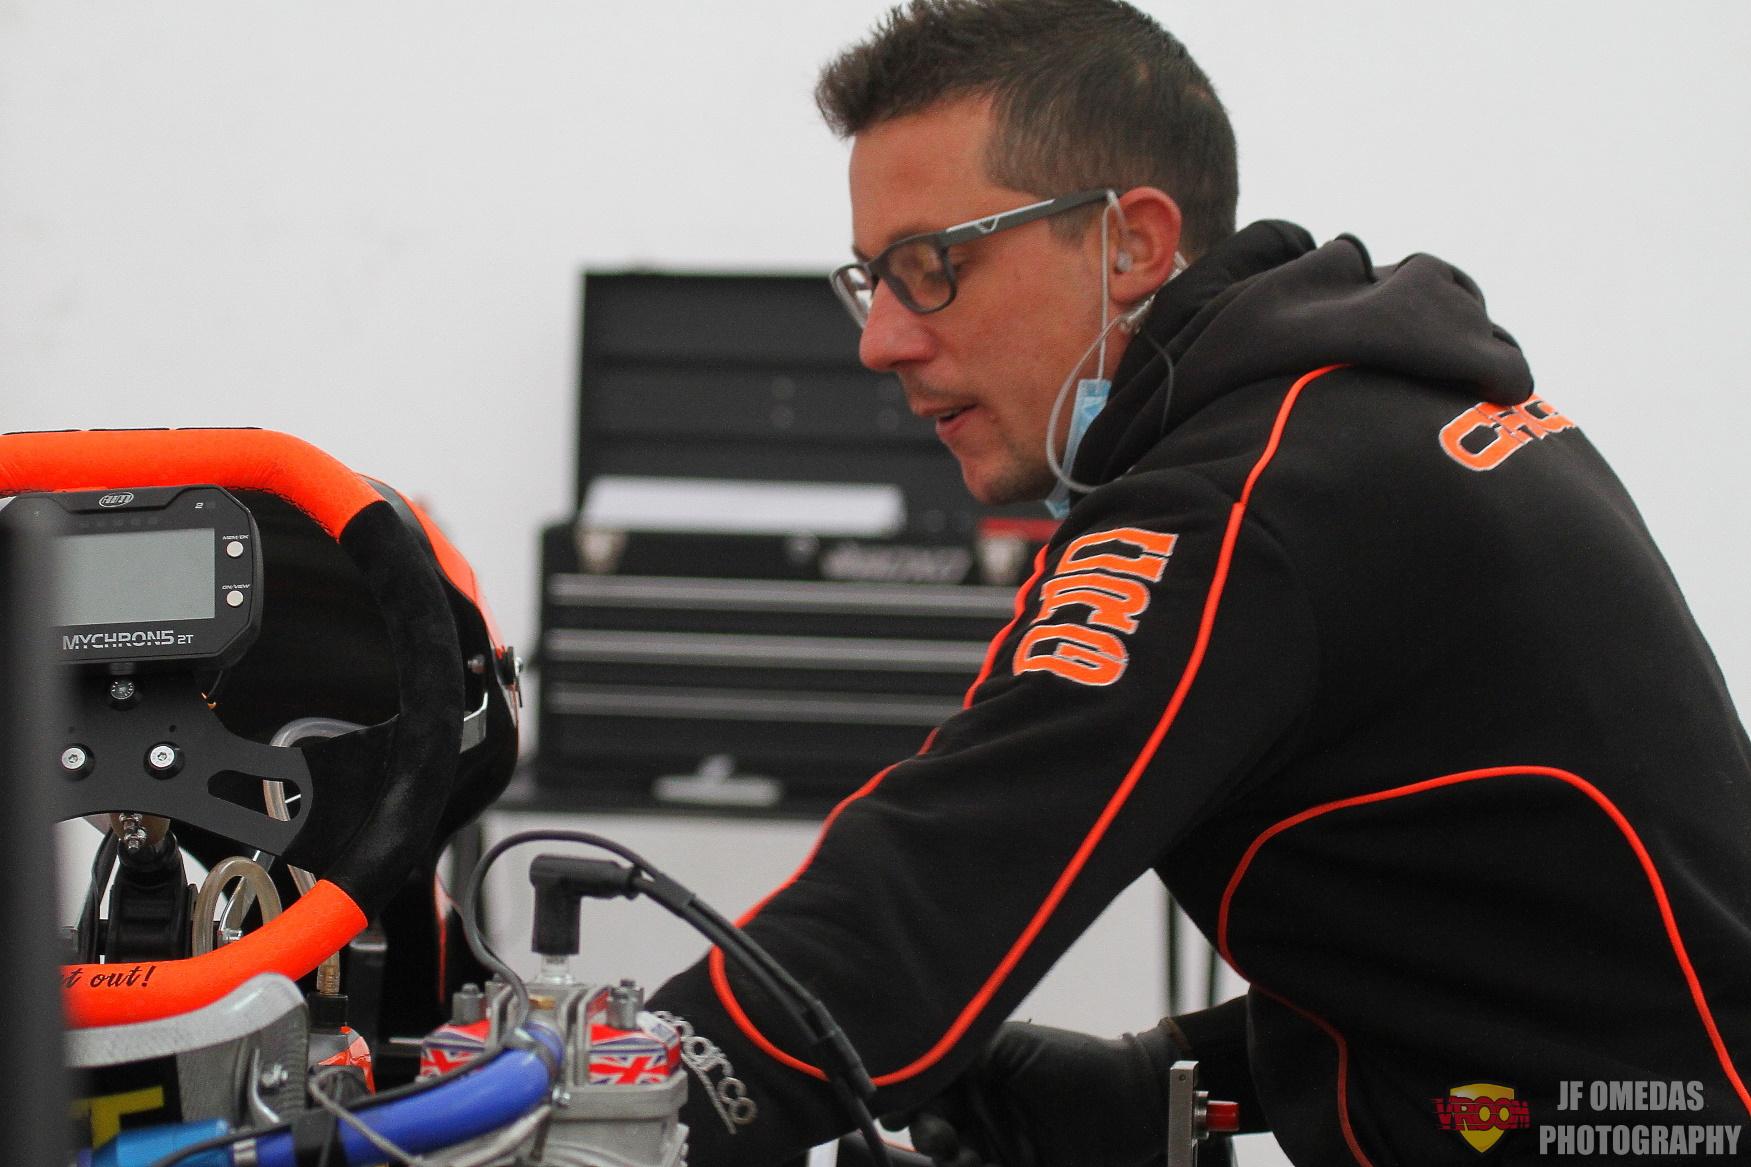 Mecánicos de nuestro karting: Gerard Sospedra (MDC Racing)